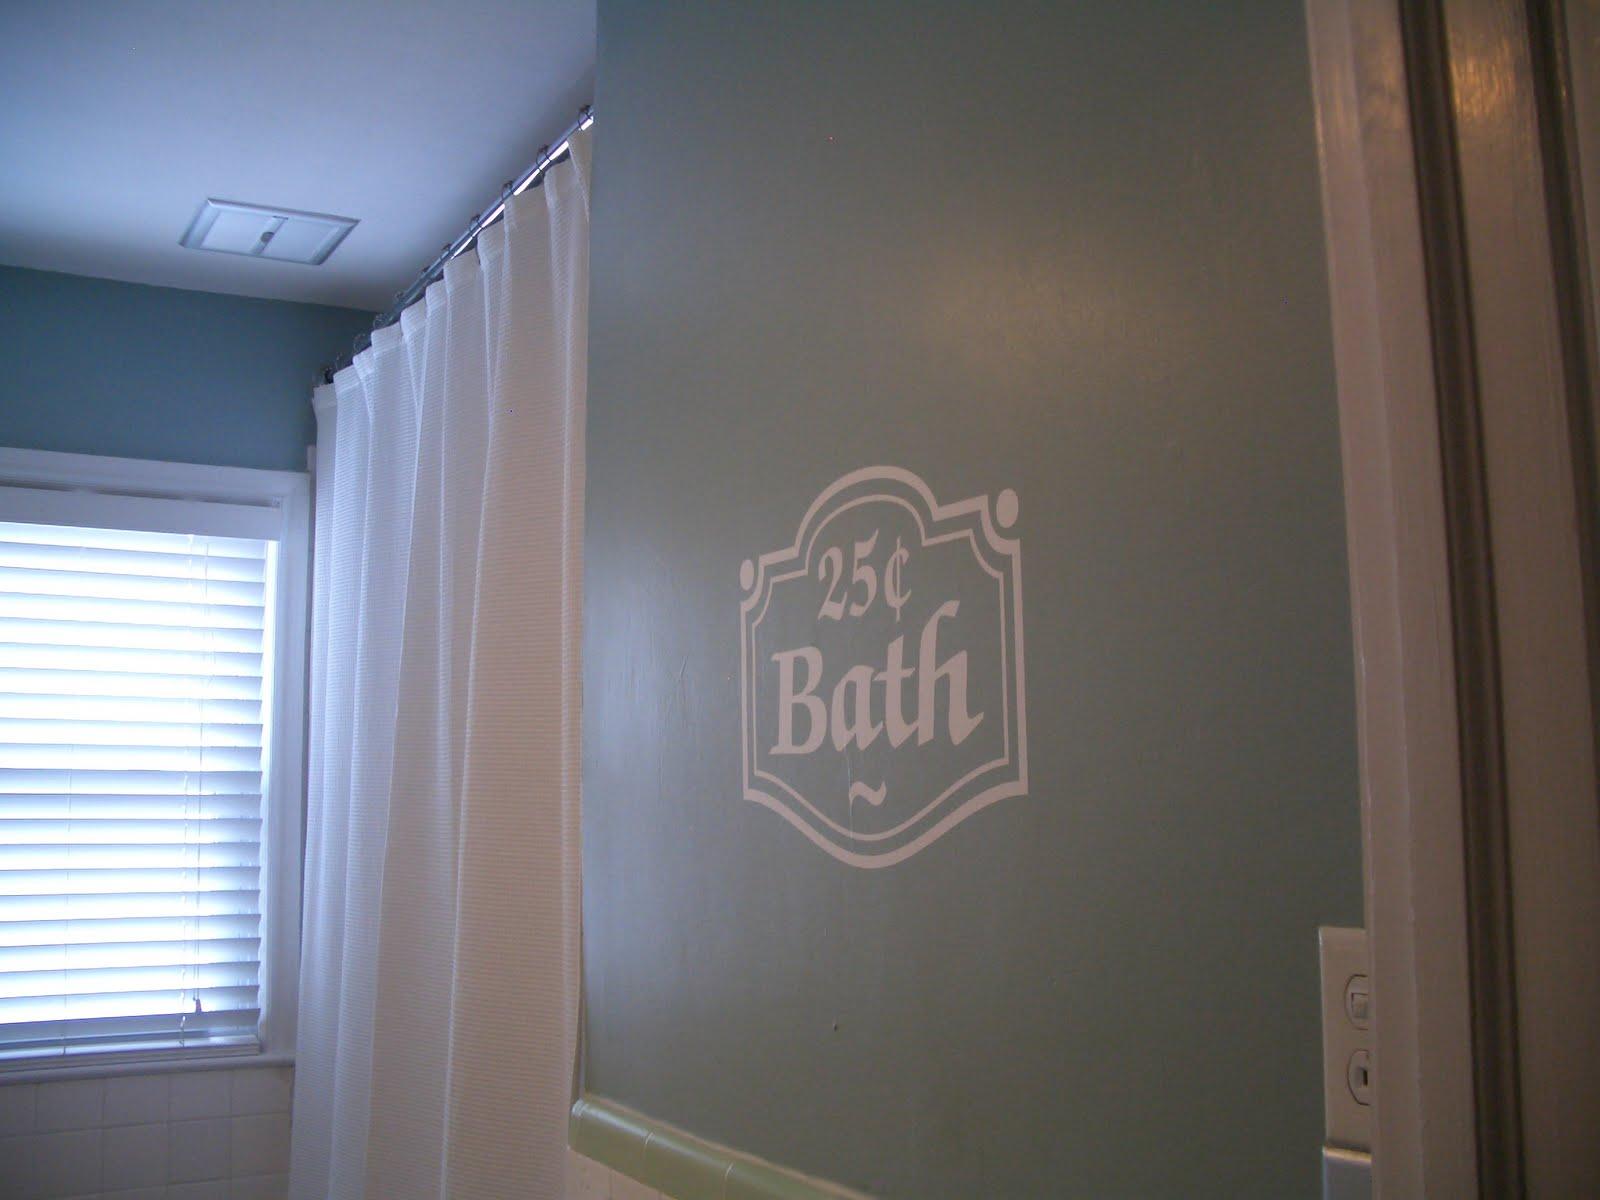 Wall Art: Bathroom Wall Decal